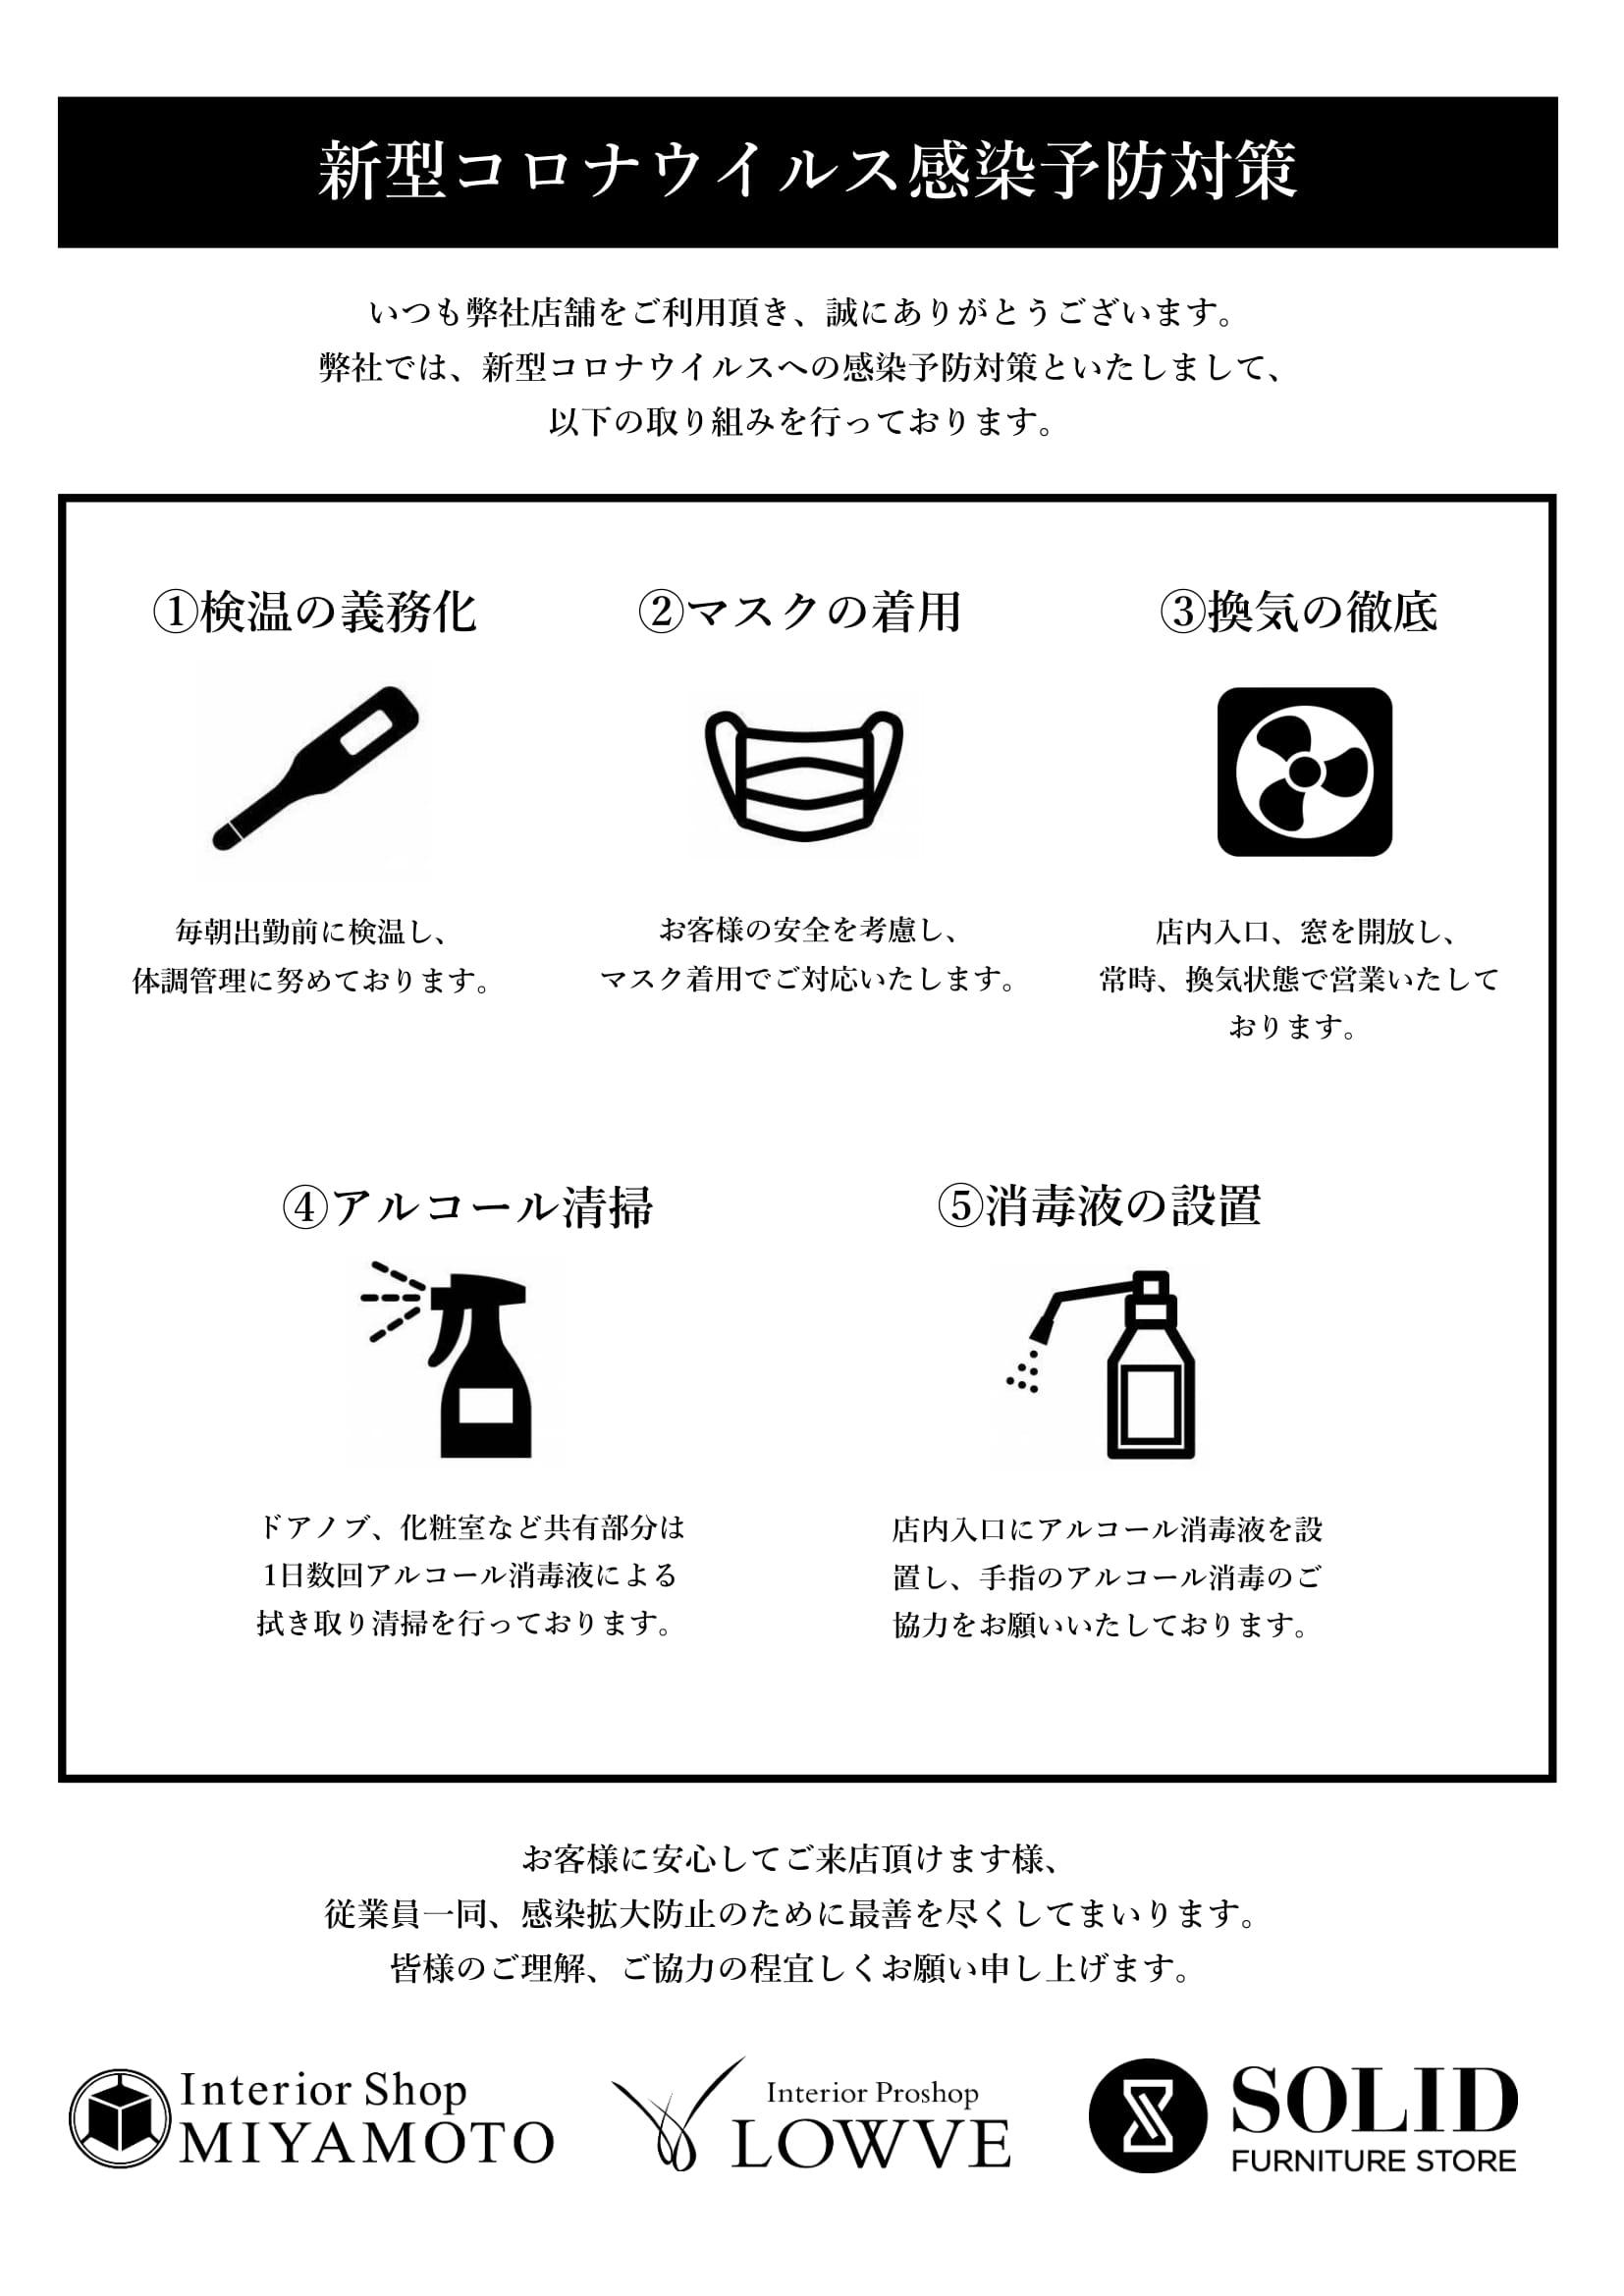 新型コロナウイルス感染予防対策-1 (2)